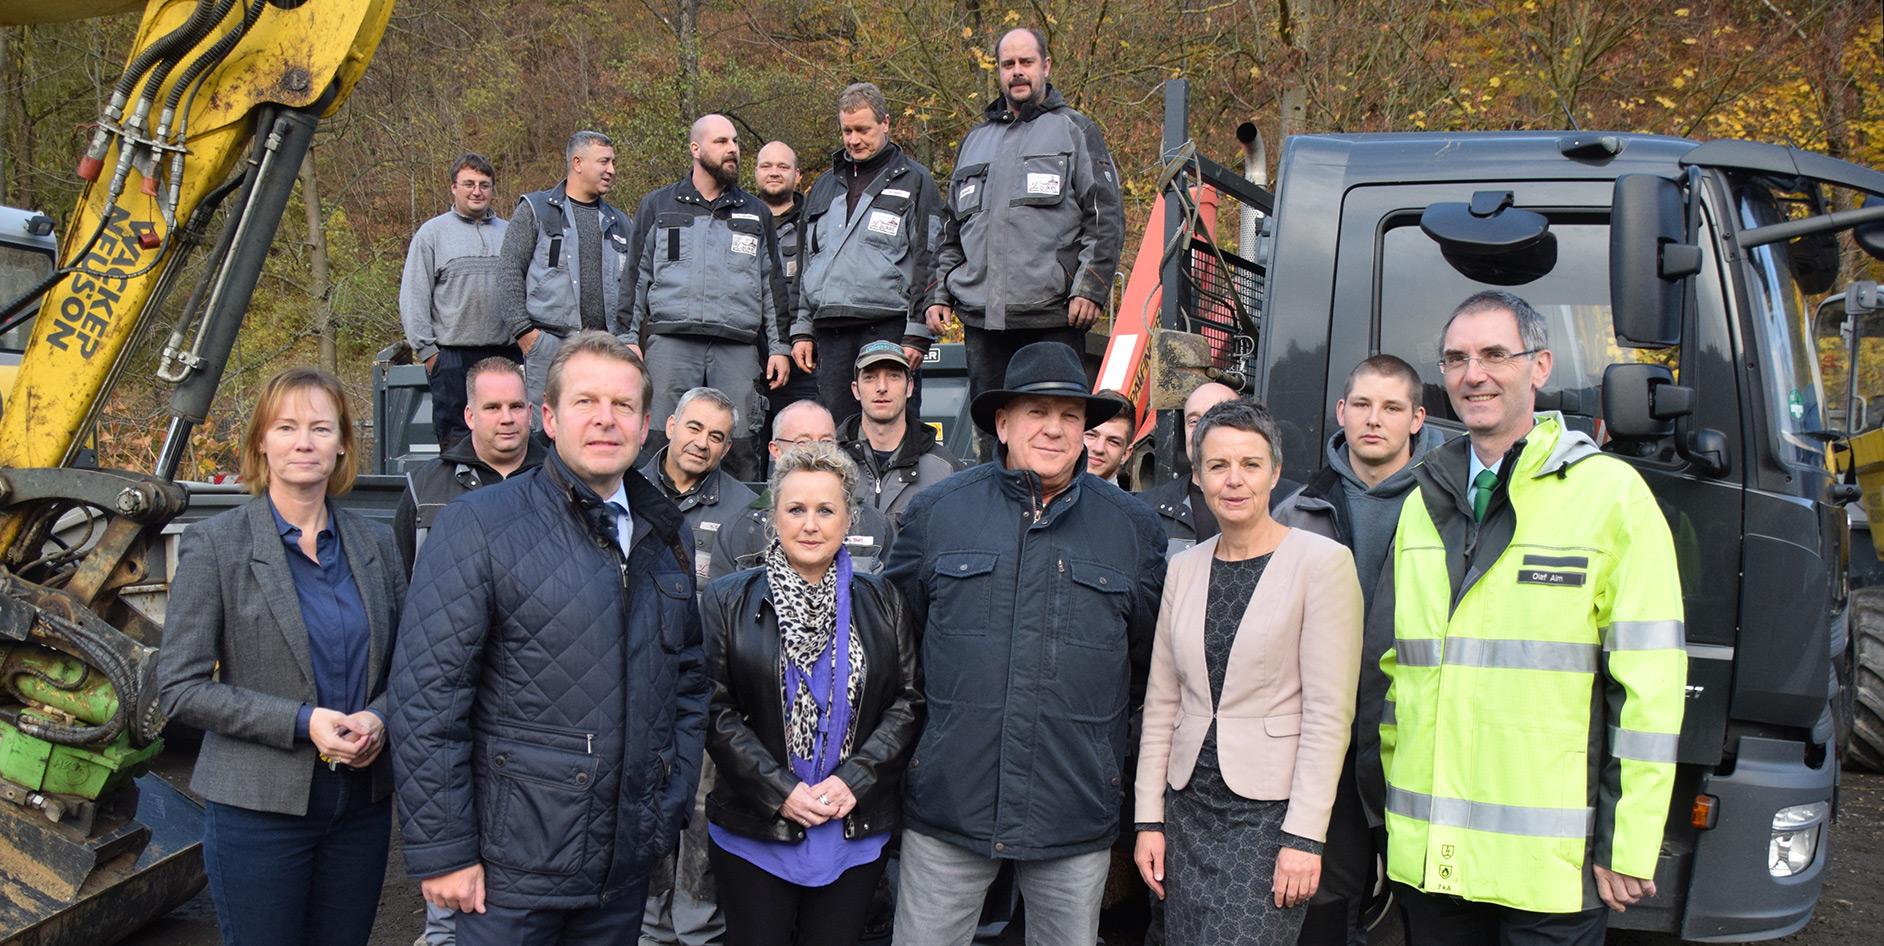 EAM erwirbt Tiefbaufirma Laukel